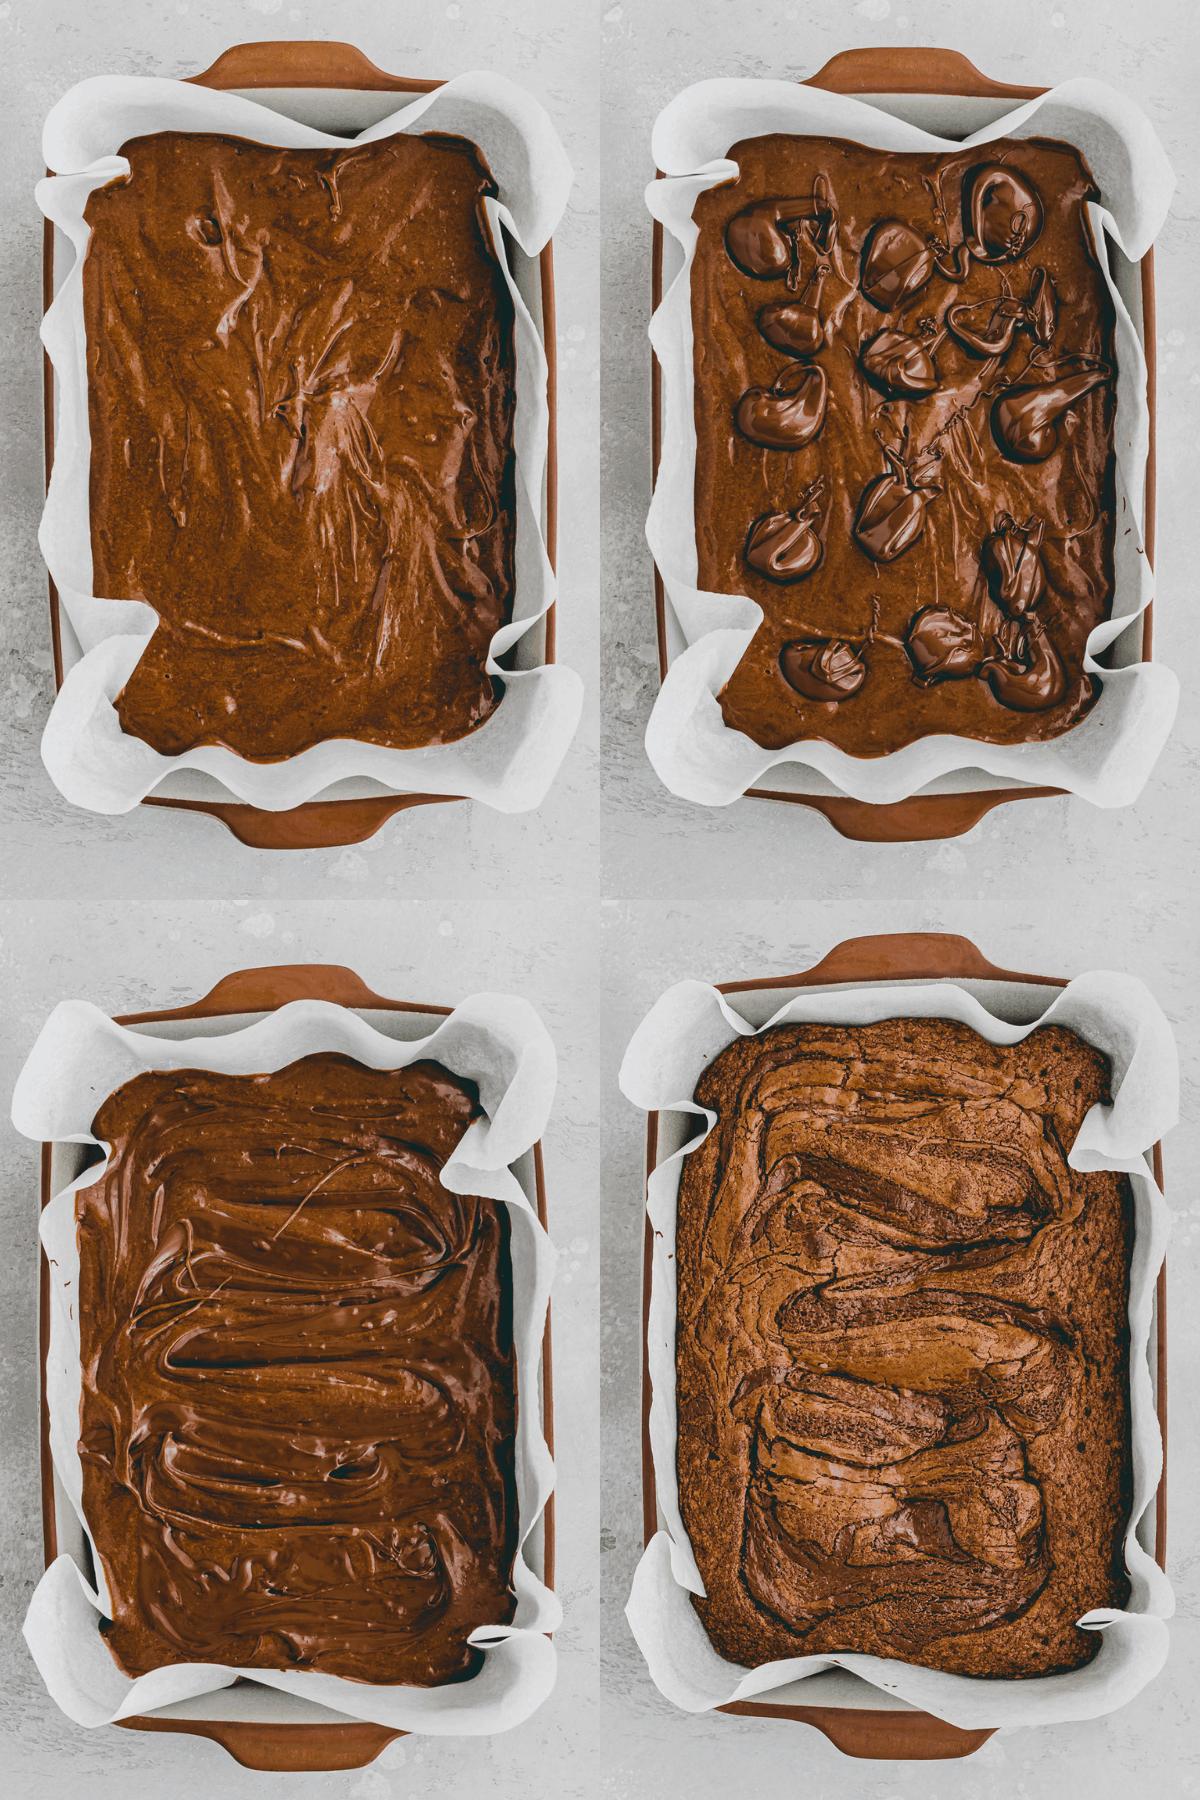 Nutella Brownie Recipe Step 6-10